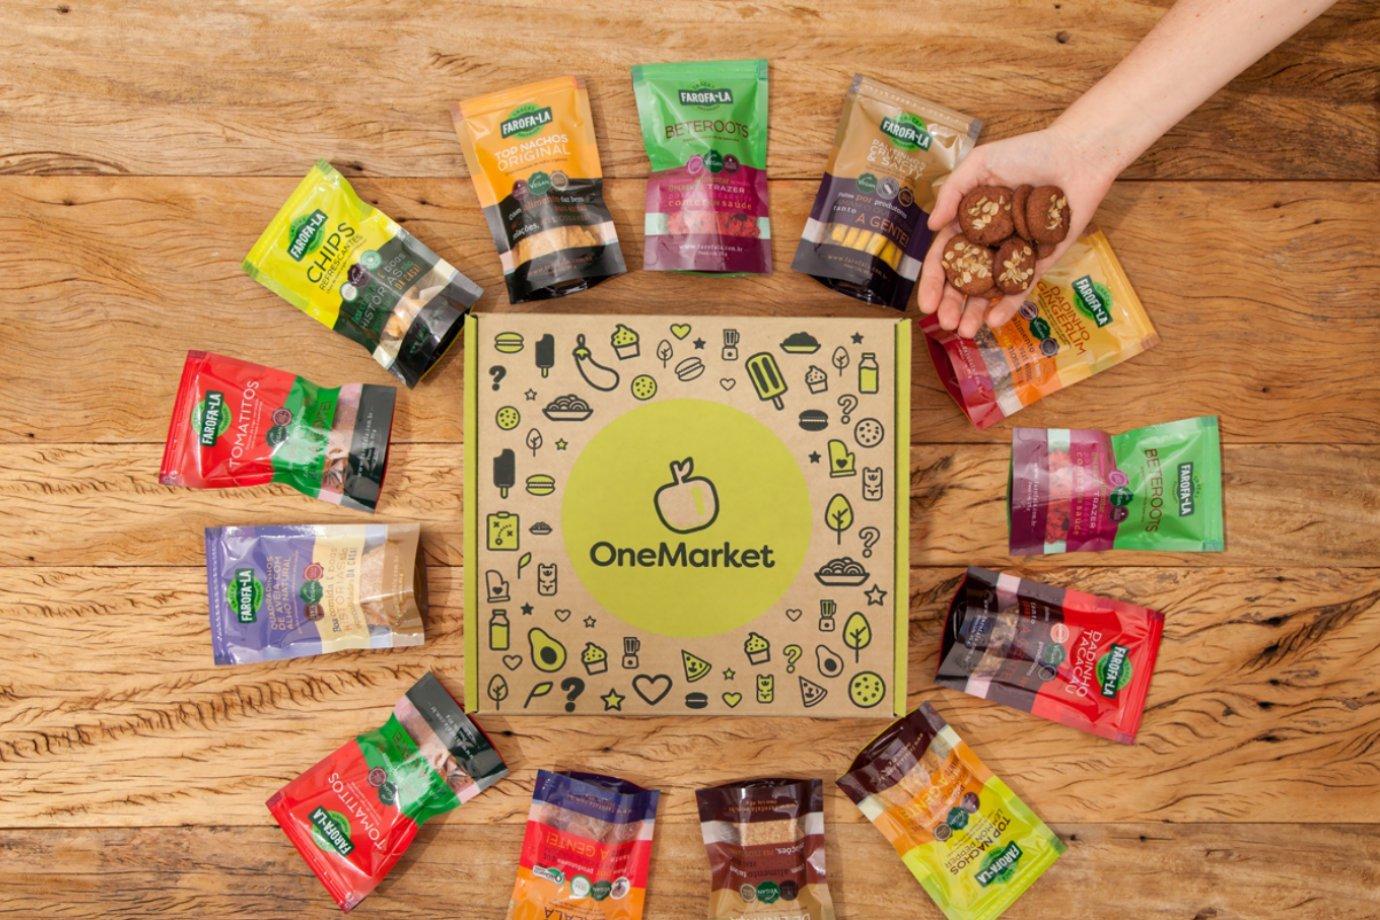 Produtos comercializados da One market